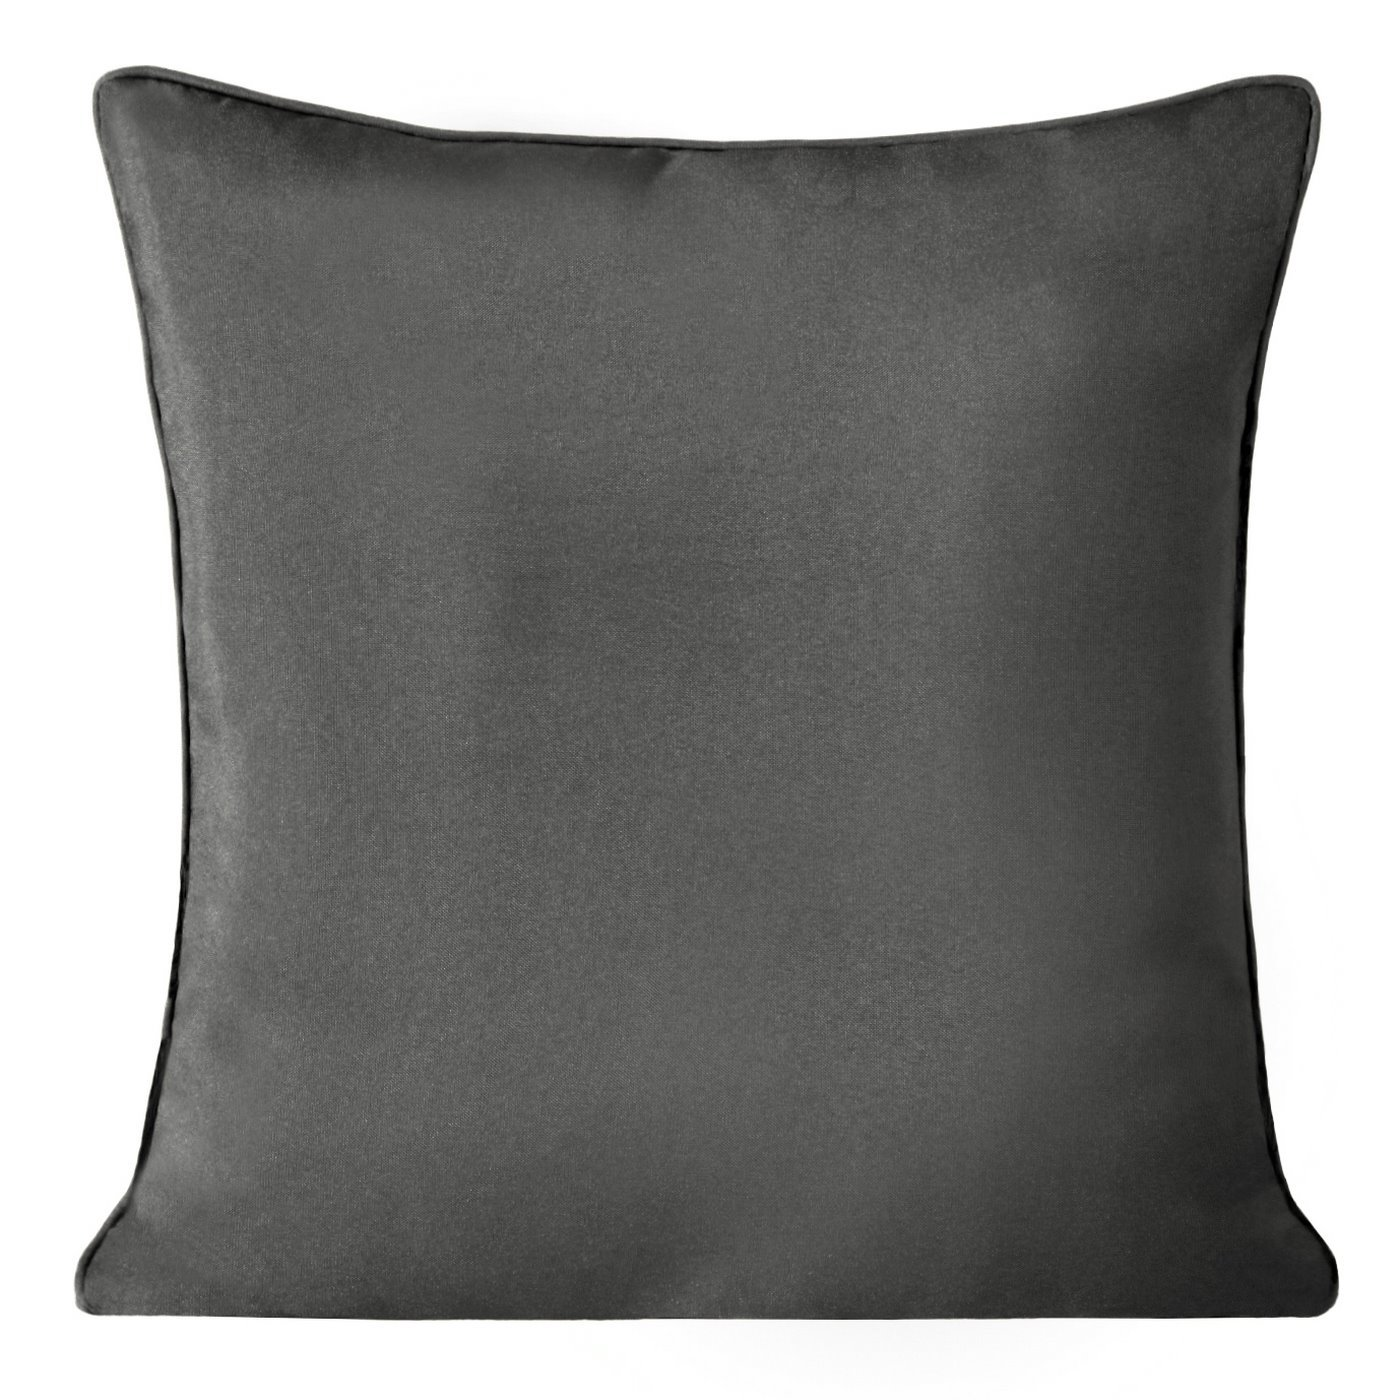 Poszewka na poduszkę gładka z lamówka 50 x 50 cm grafitowa